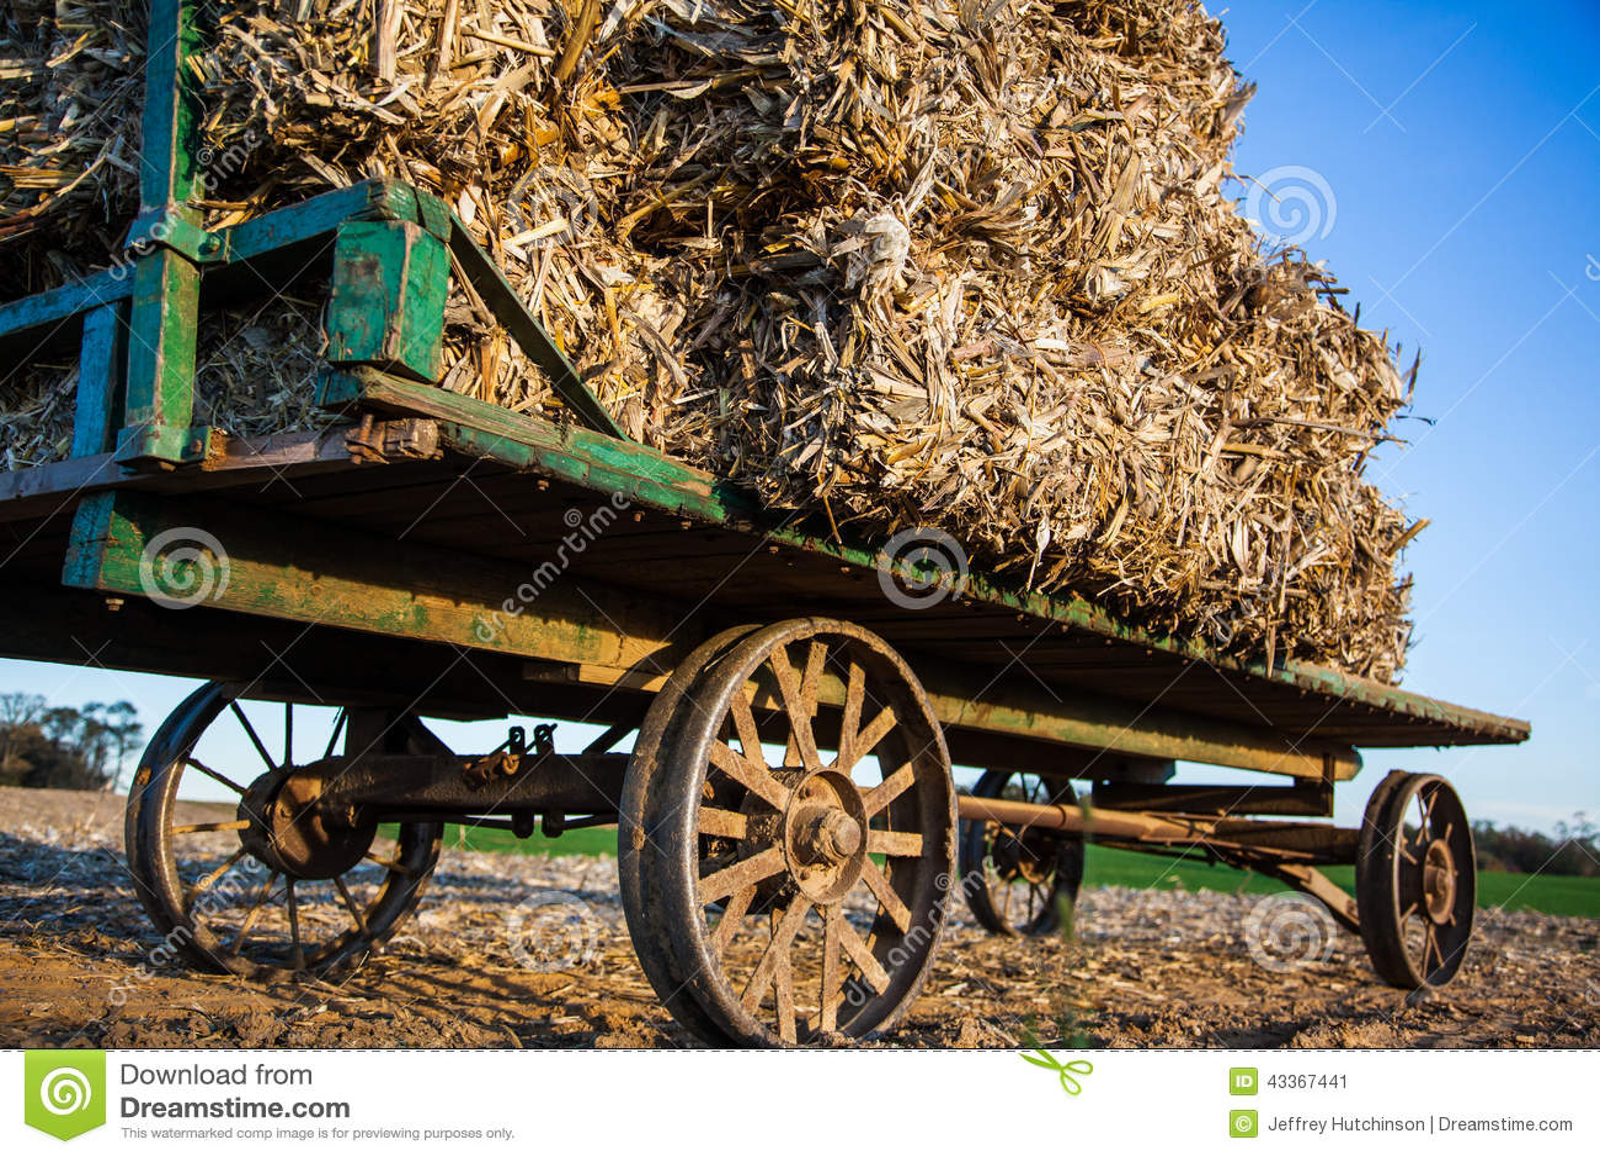 在古色古香的门诺派中的严紧派的无盖货车的被堆积的干草捆